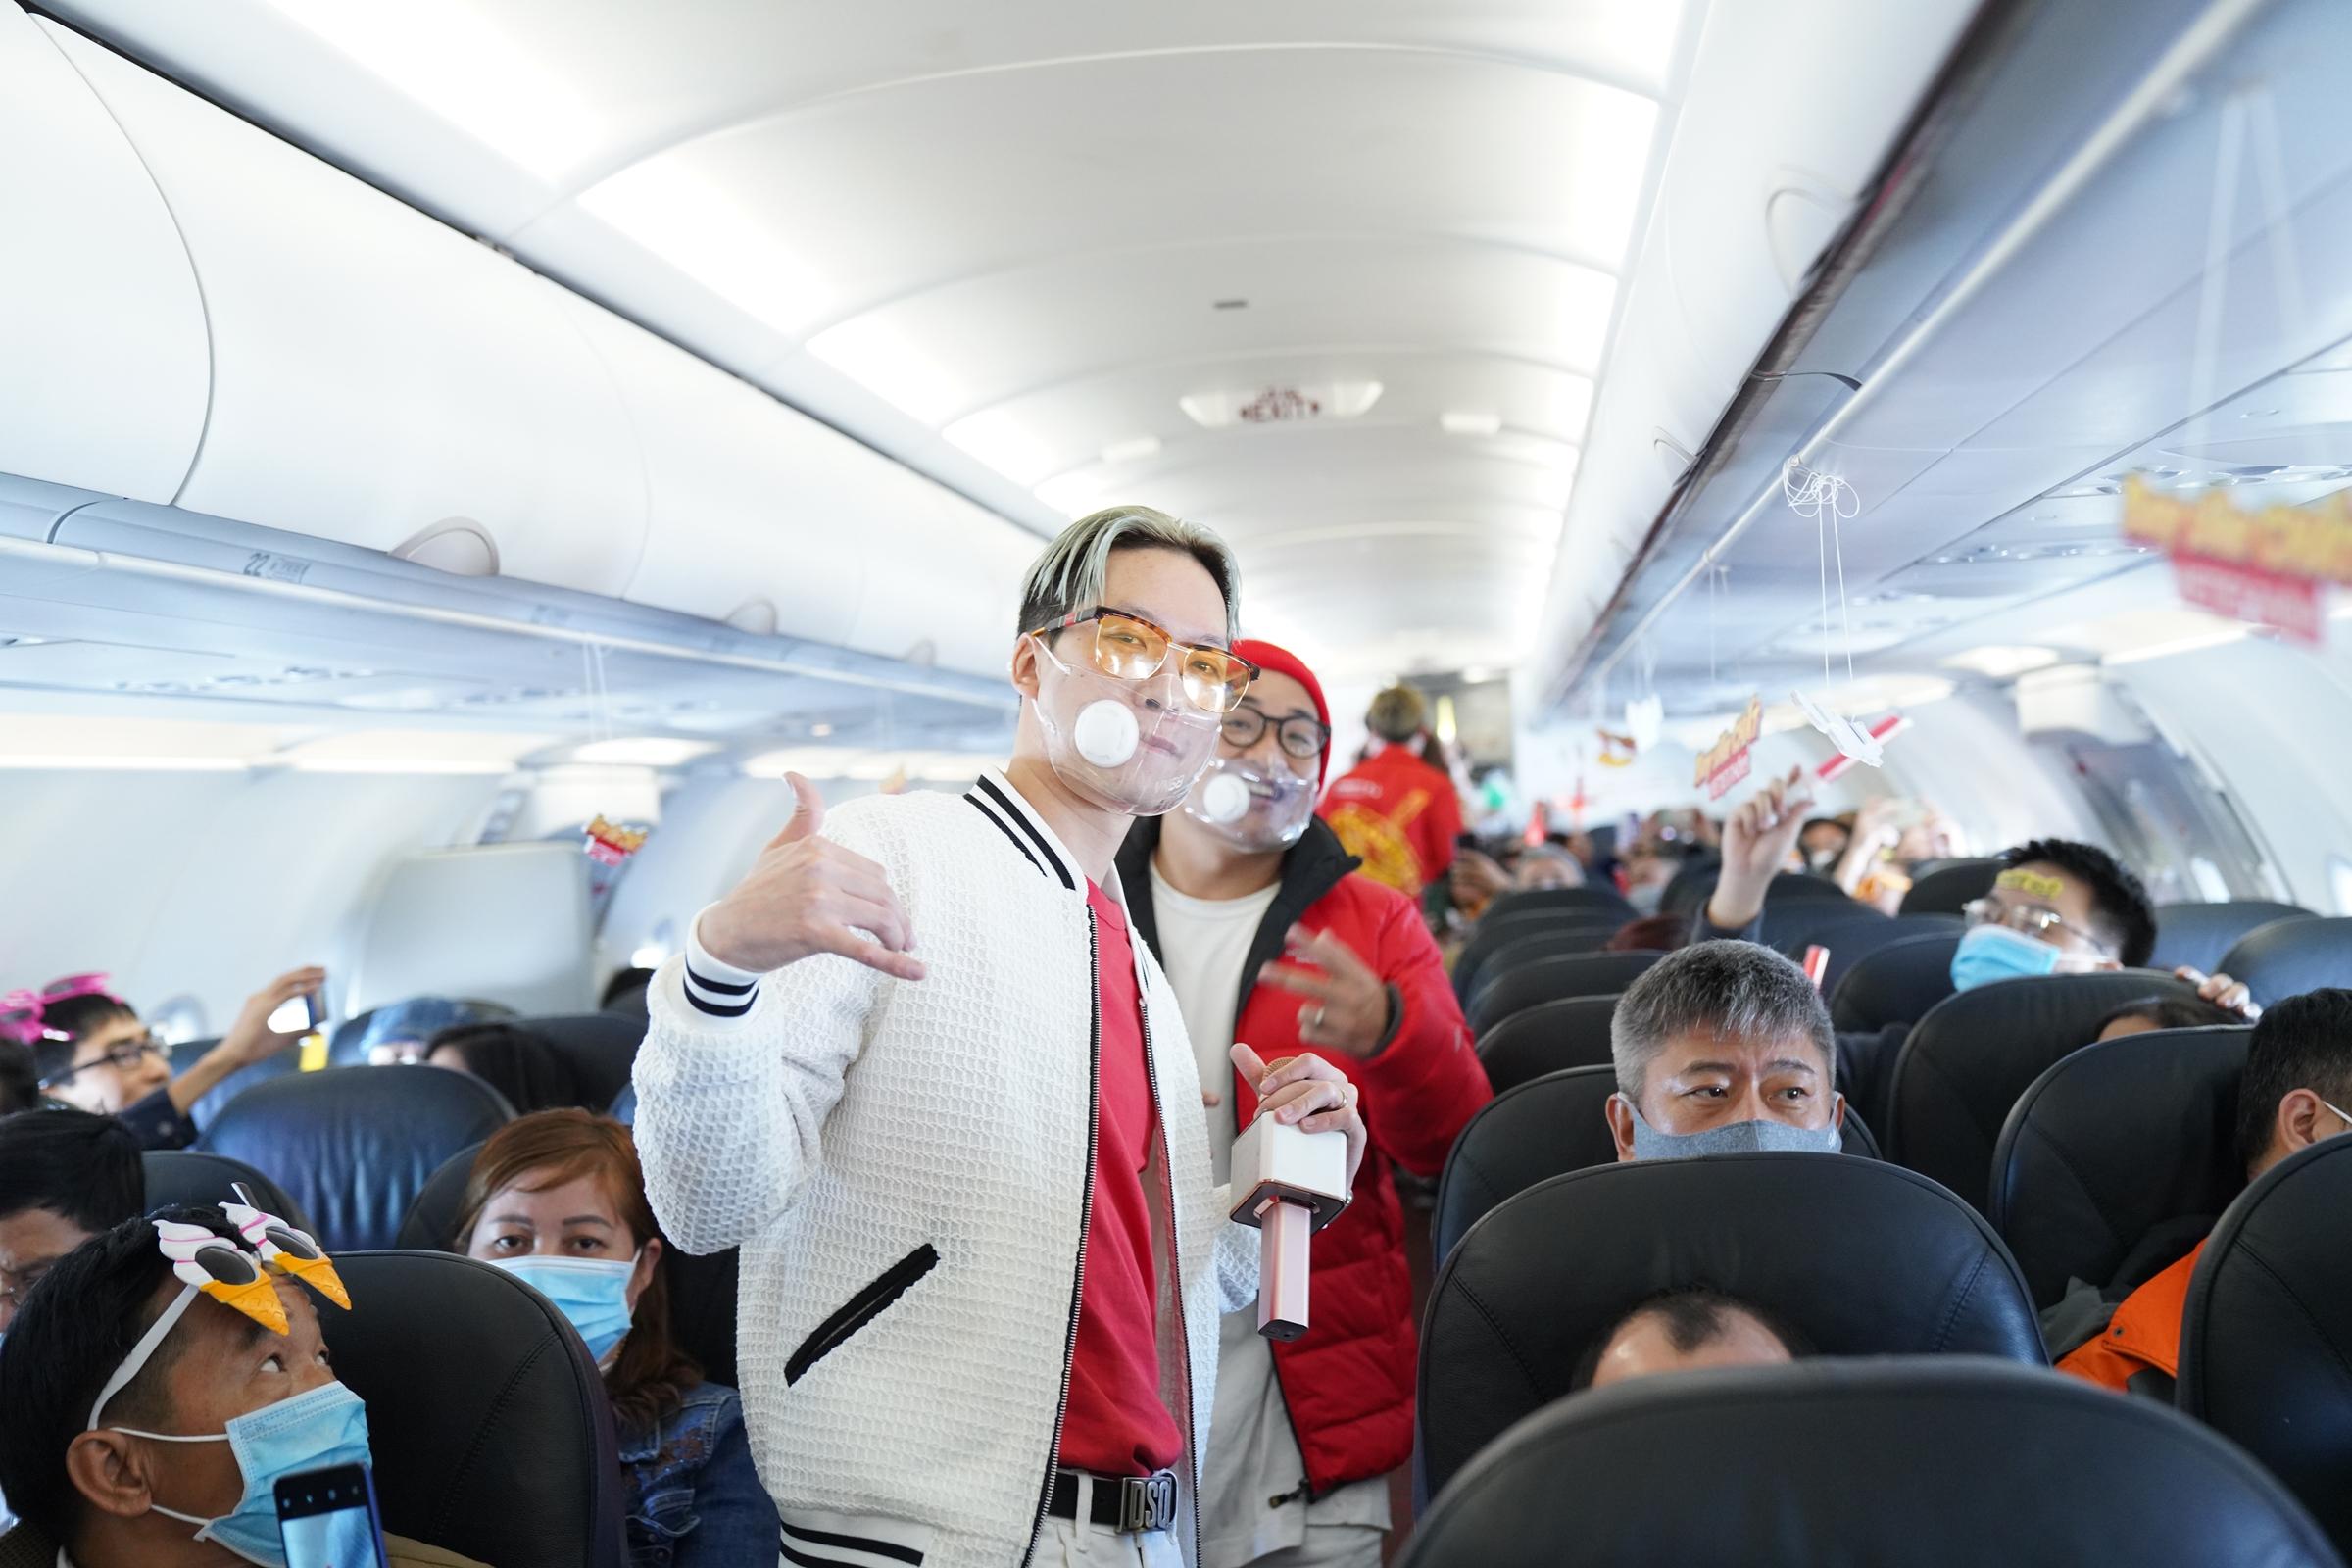 Sự kiện giới thiệu MV trên chuyến bay Vietjet ở độ cao 10.000 m mang tới cho khán giả lẫn nghệ sĩ trải nghiệm chưa từng có.